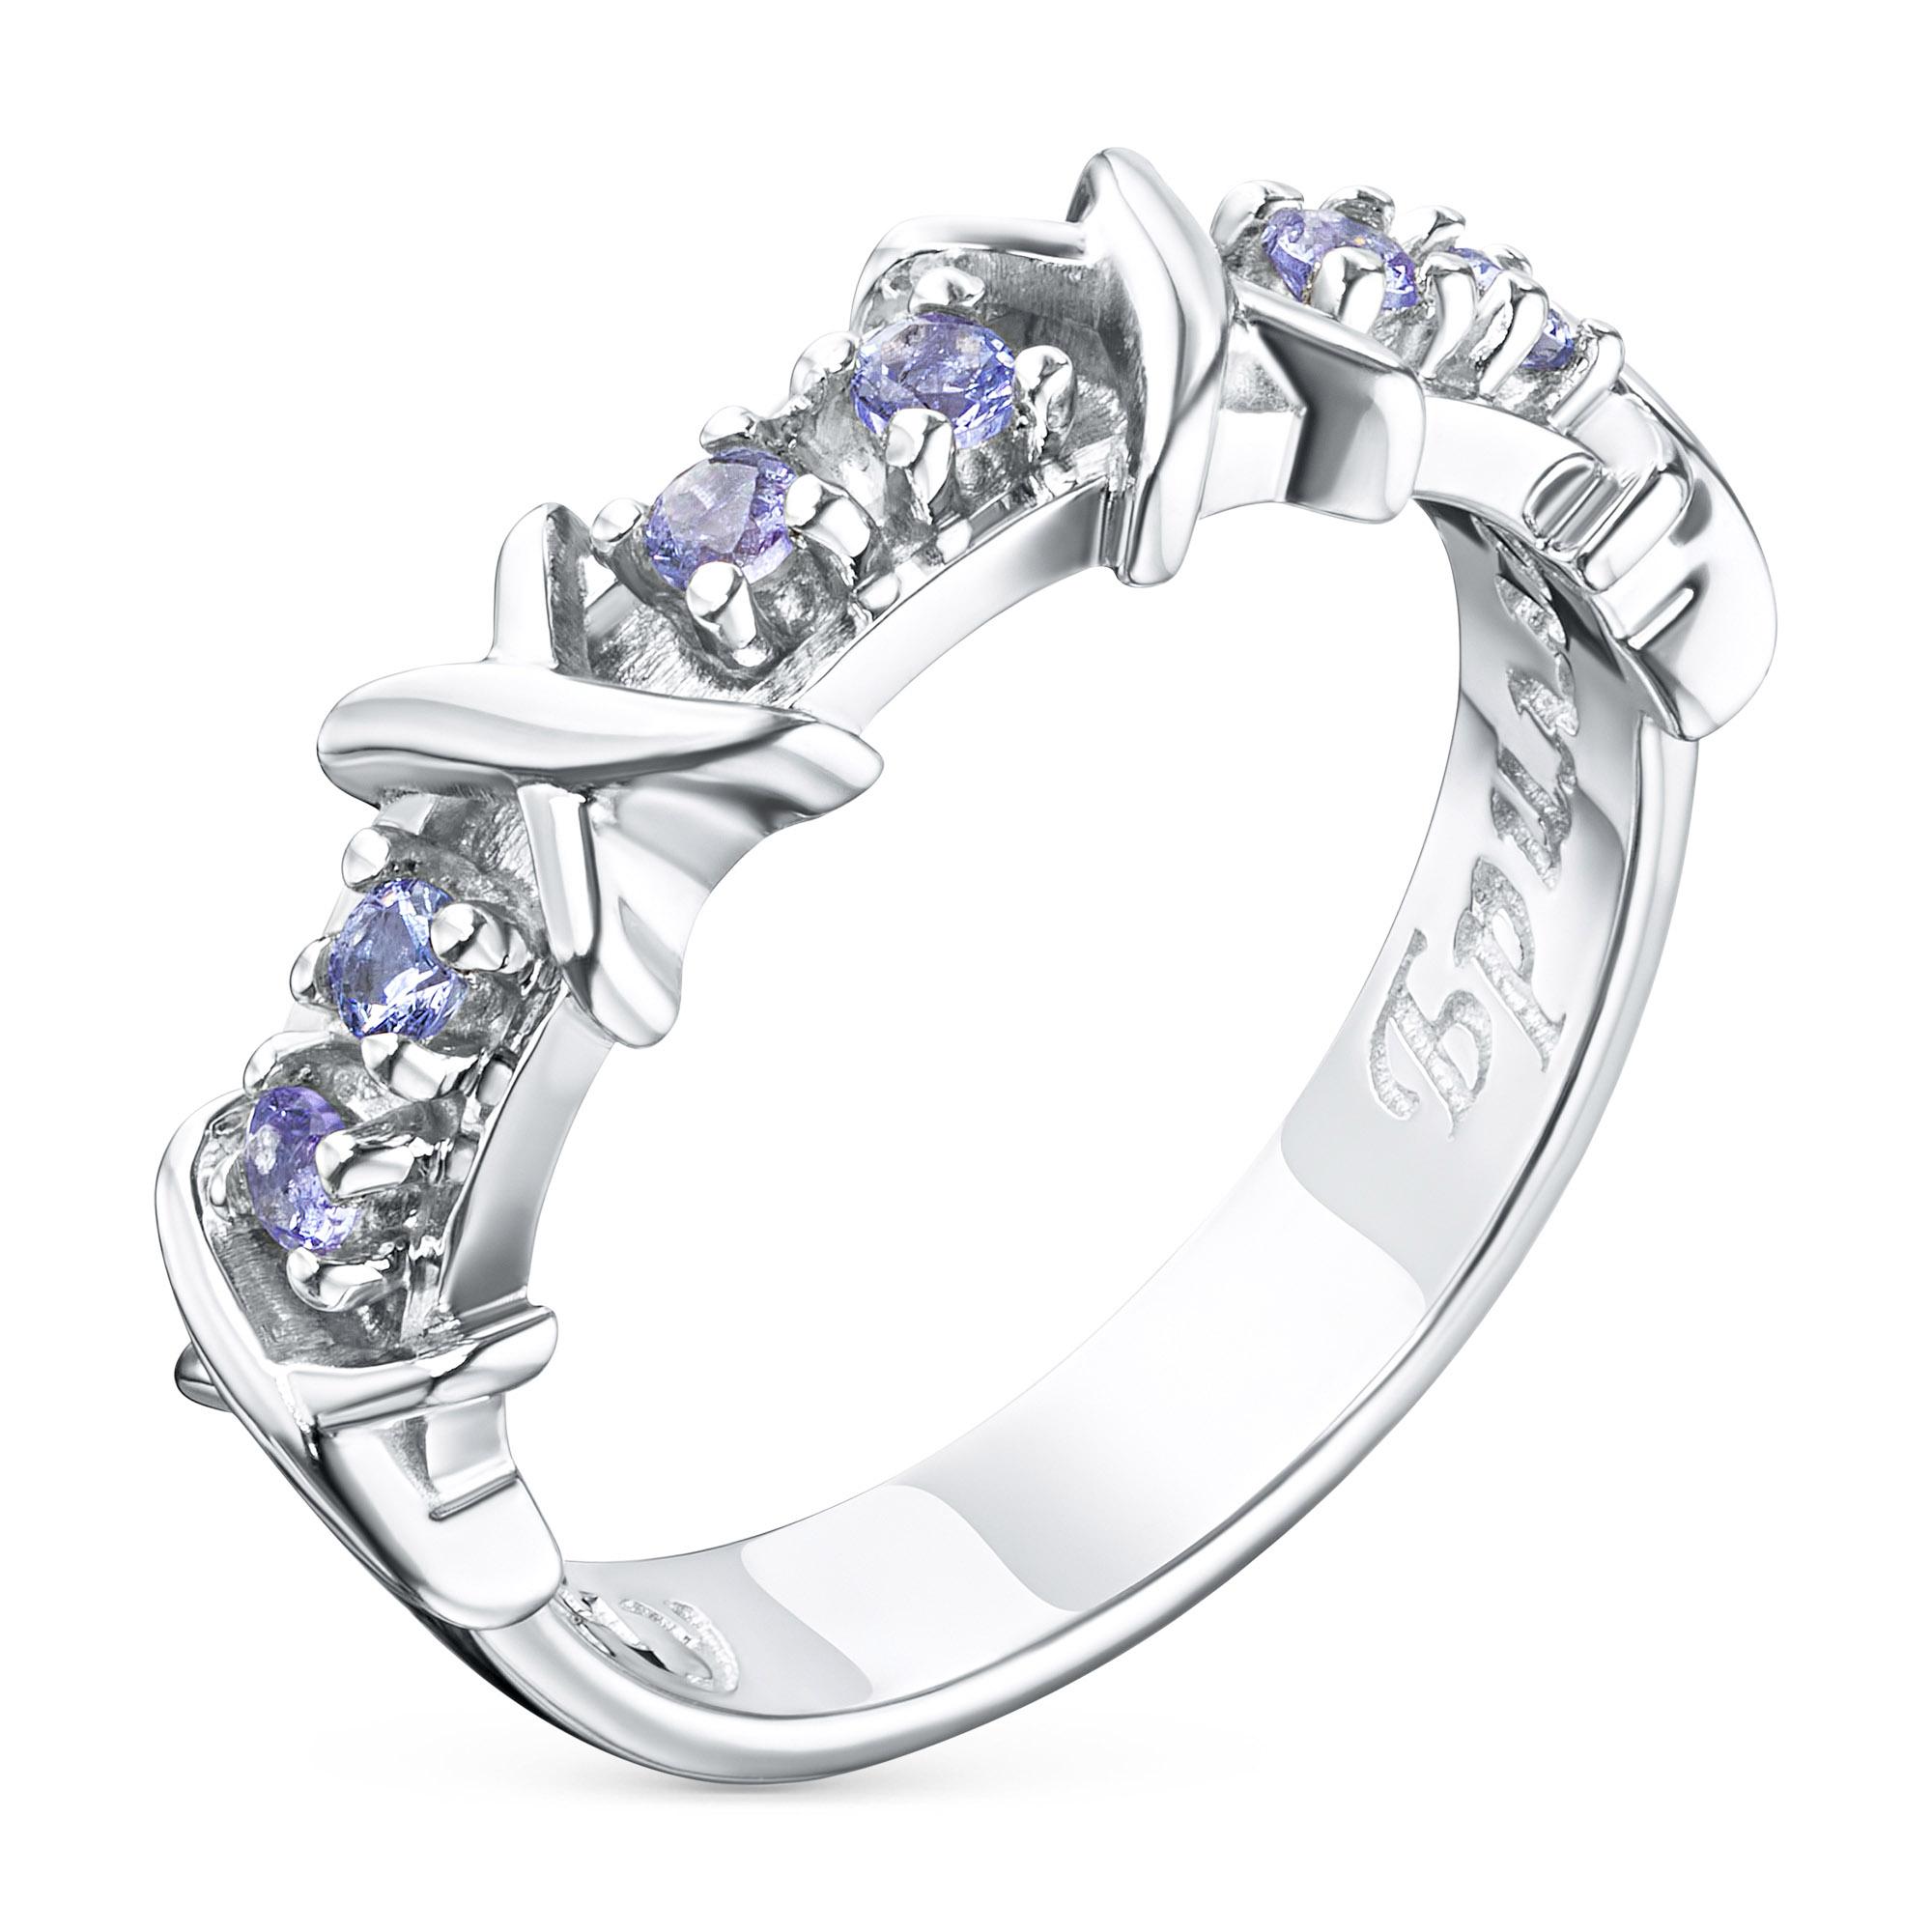 Кольцо из серебра с танзанитом э0608кц06164900 э0608кц06164900